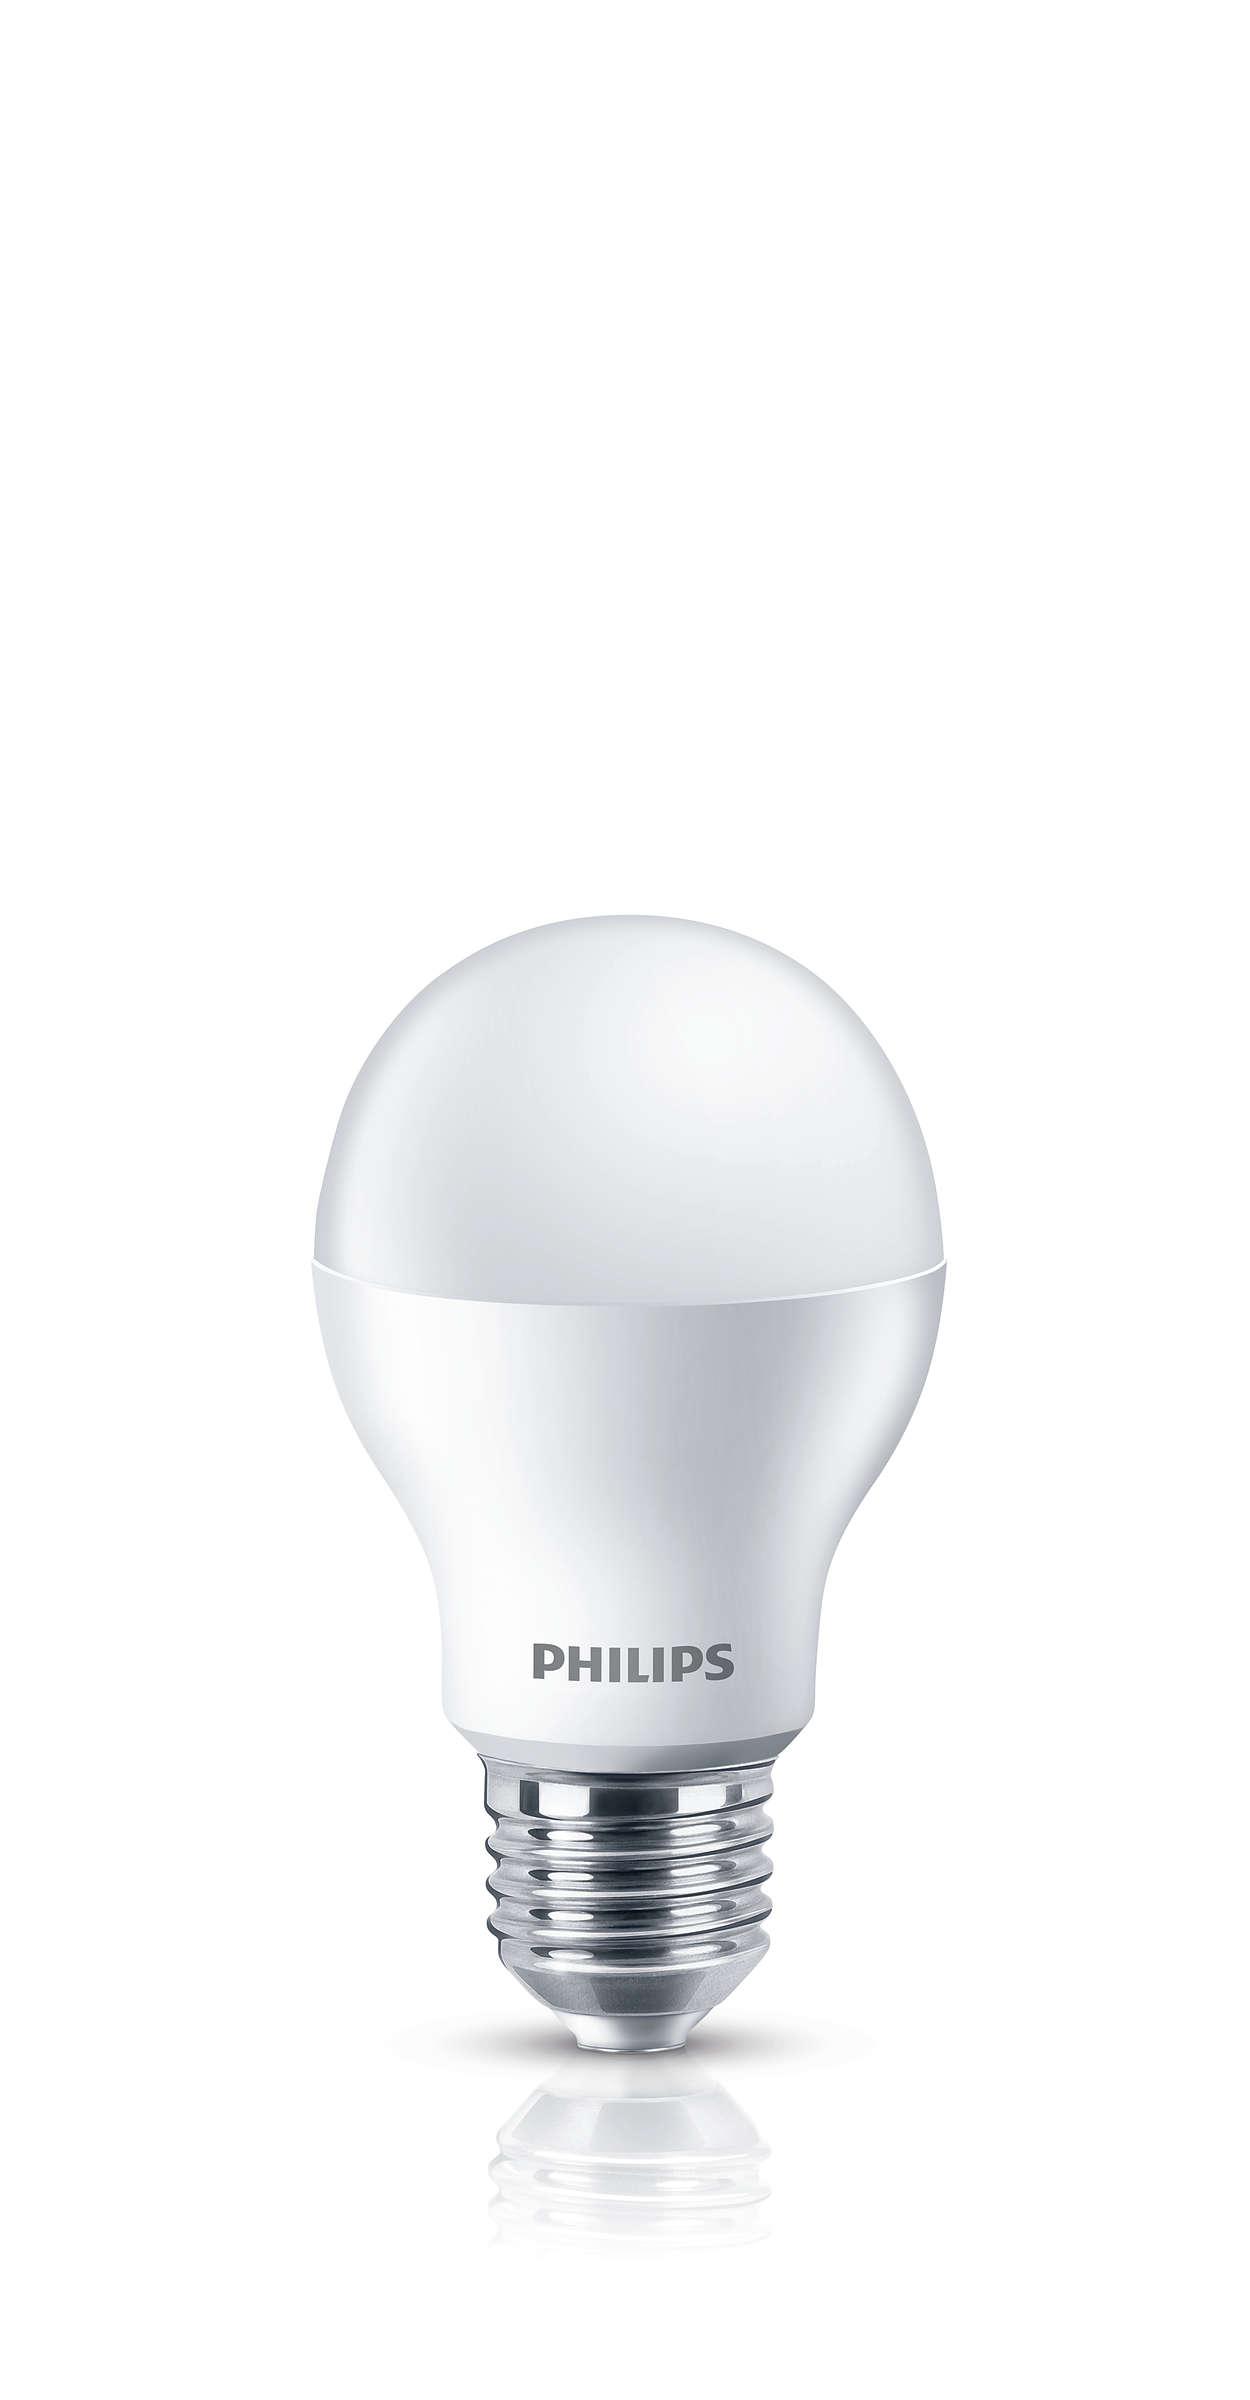 Ánh sáng trắng ấm áp mà vẫn không làm giảm chất lượng ánh sáng